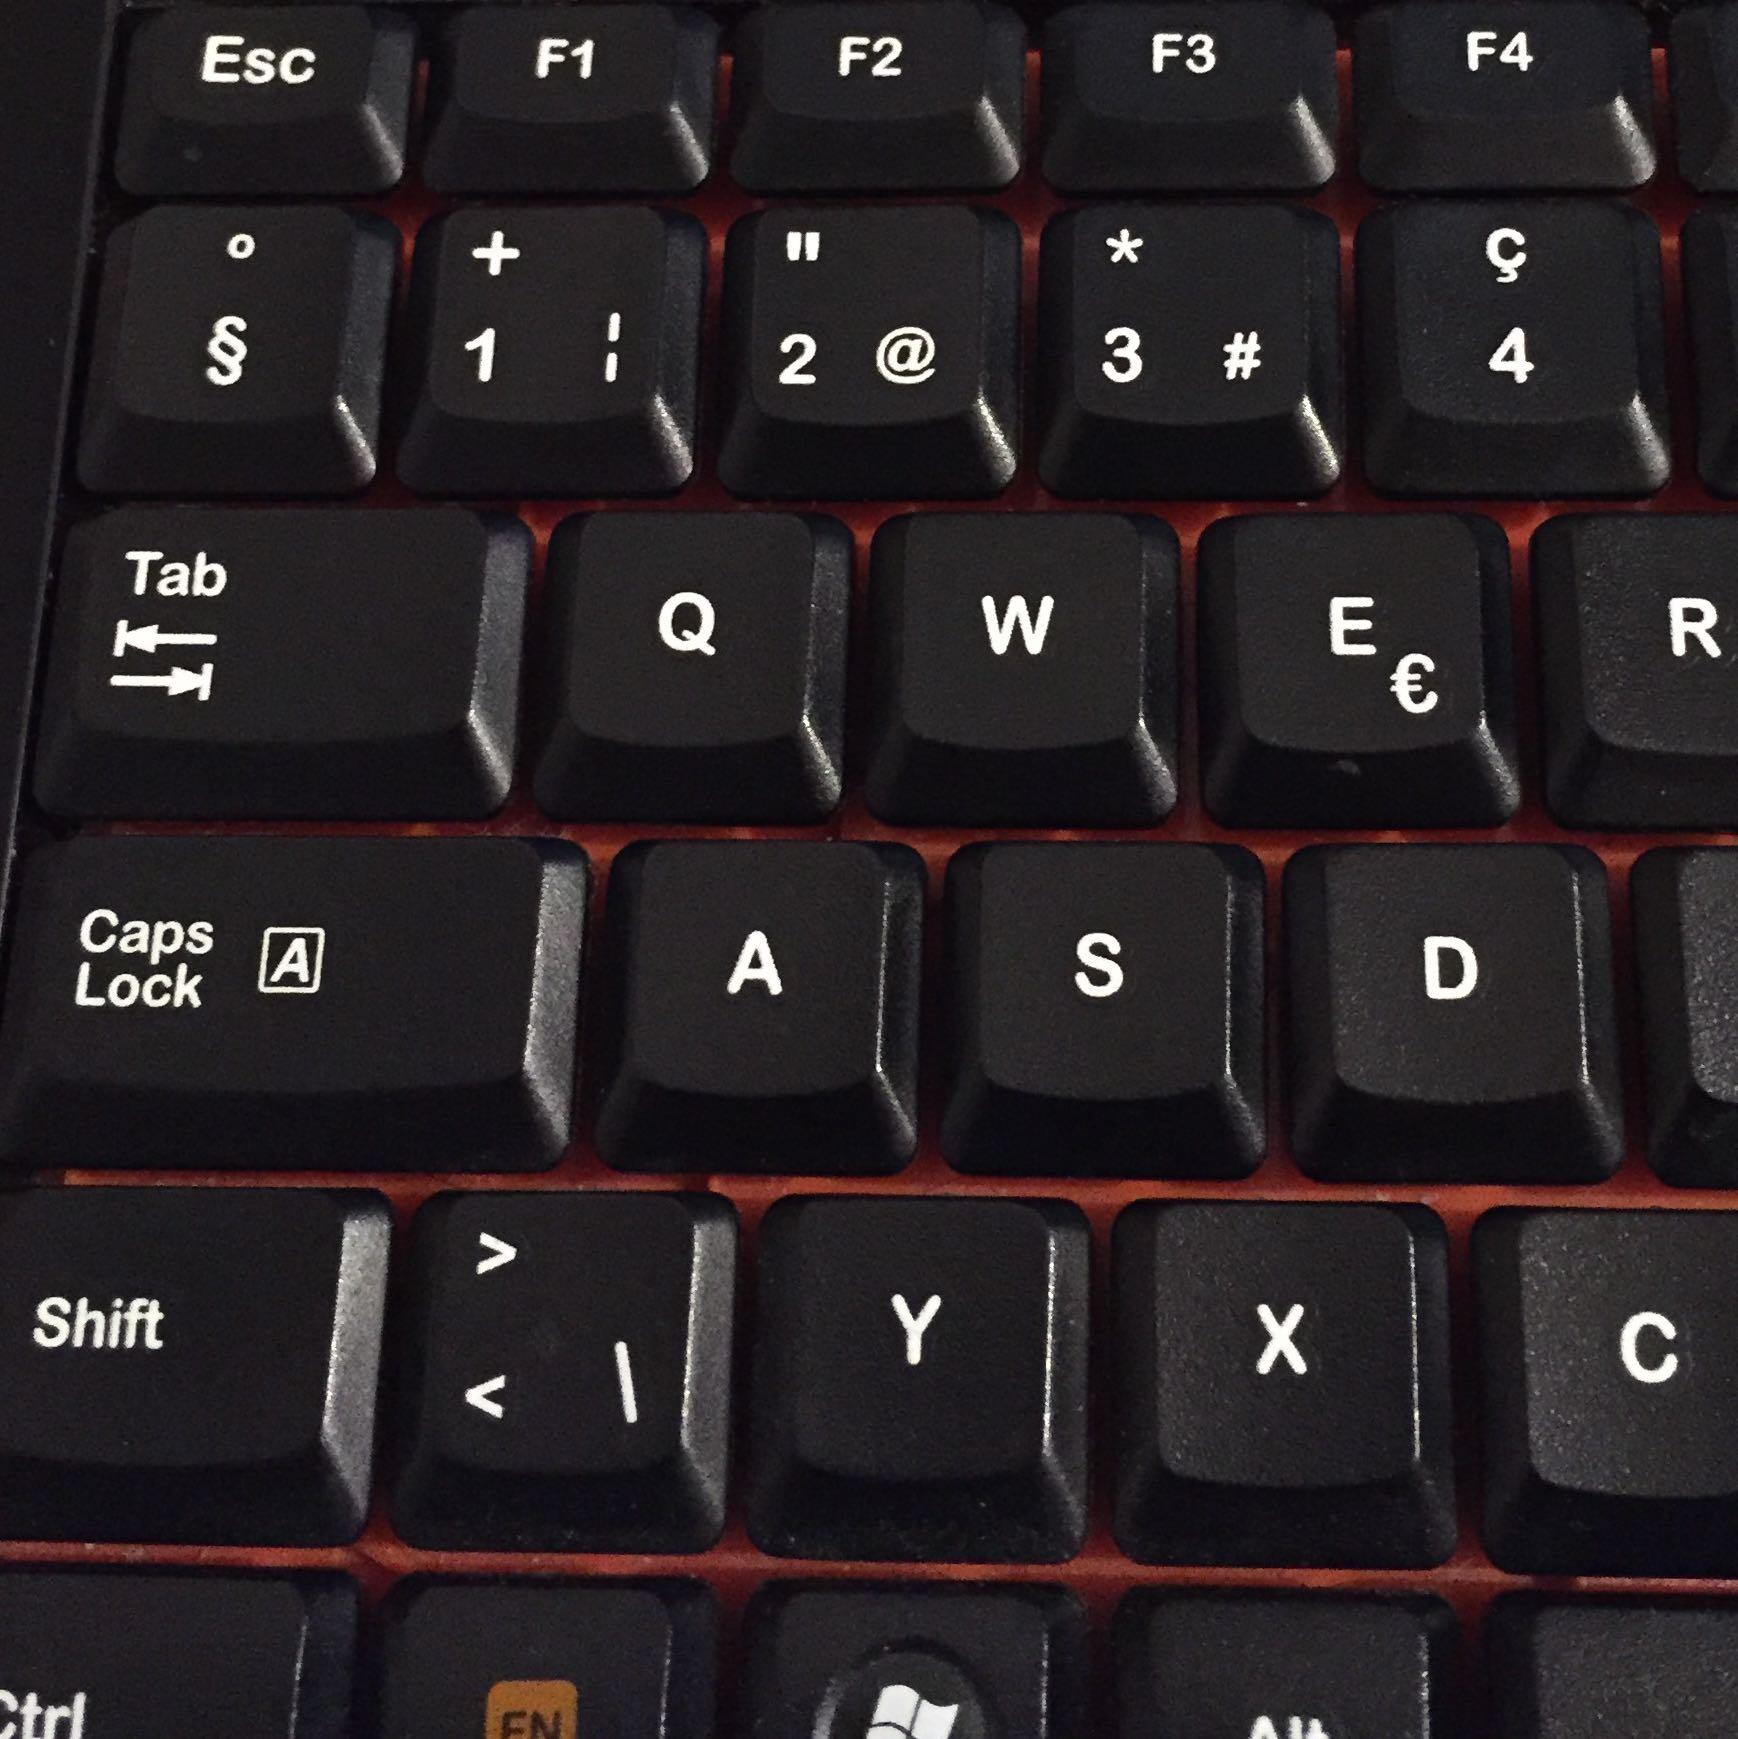 Wie mache ich einen Paragraph auf meiner Tastatur? (Minecraft)